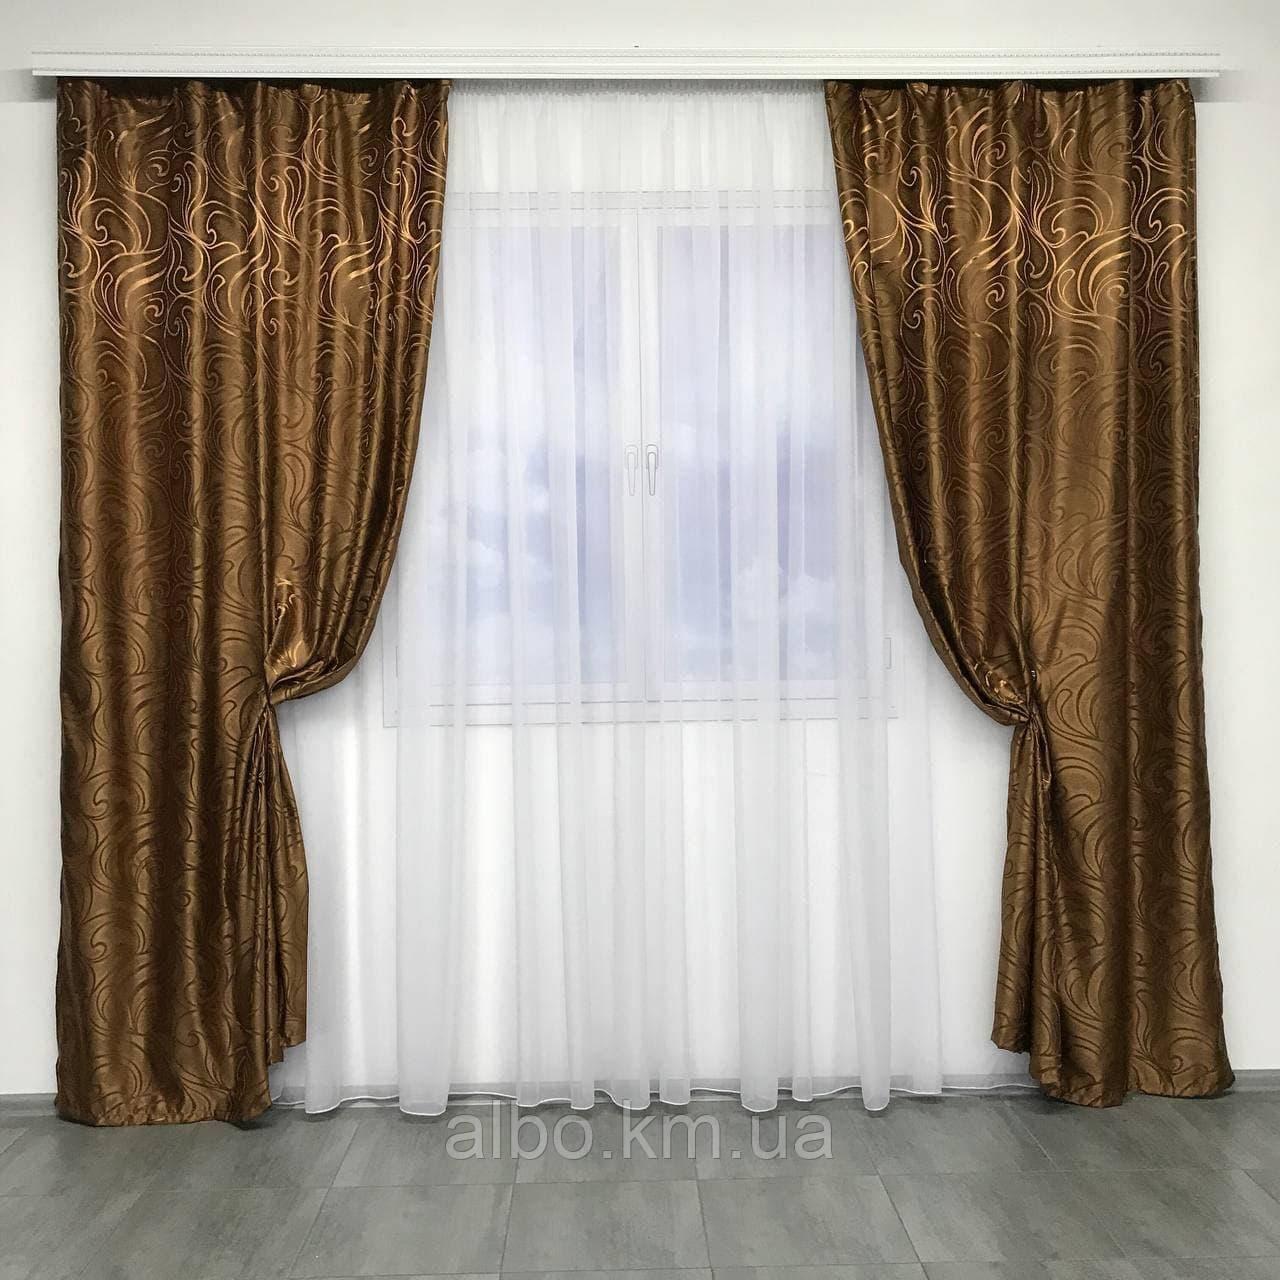 Готовые жаккардовые шторы для зала спальни детской, шторы для кухни комнаты квартиры, портьеры для дома